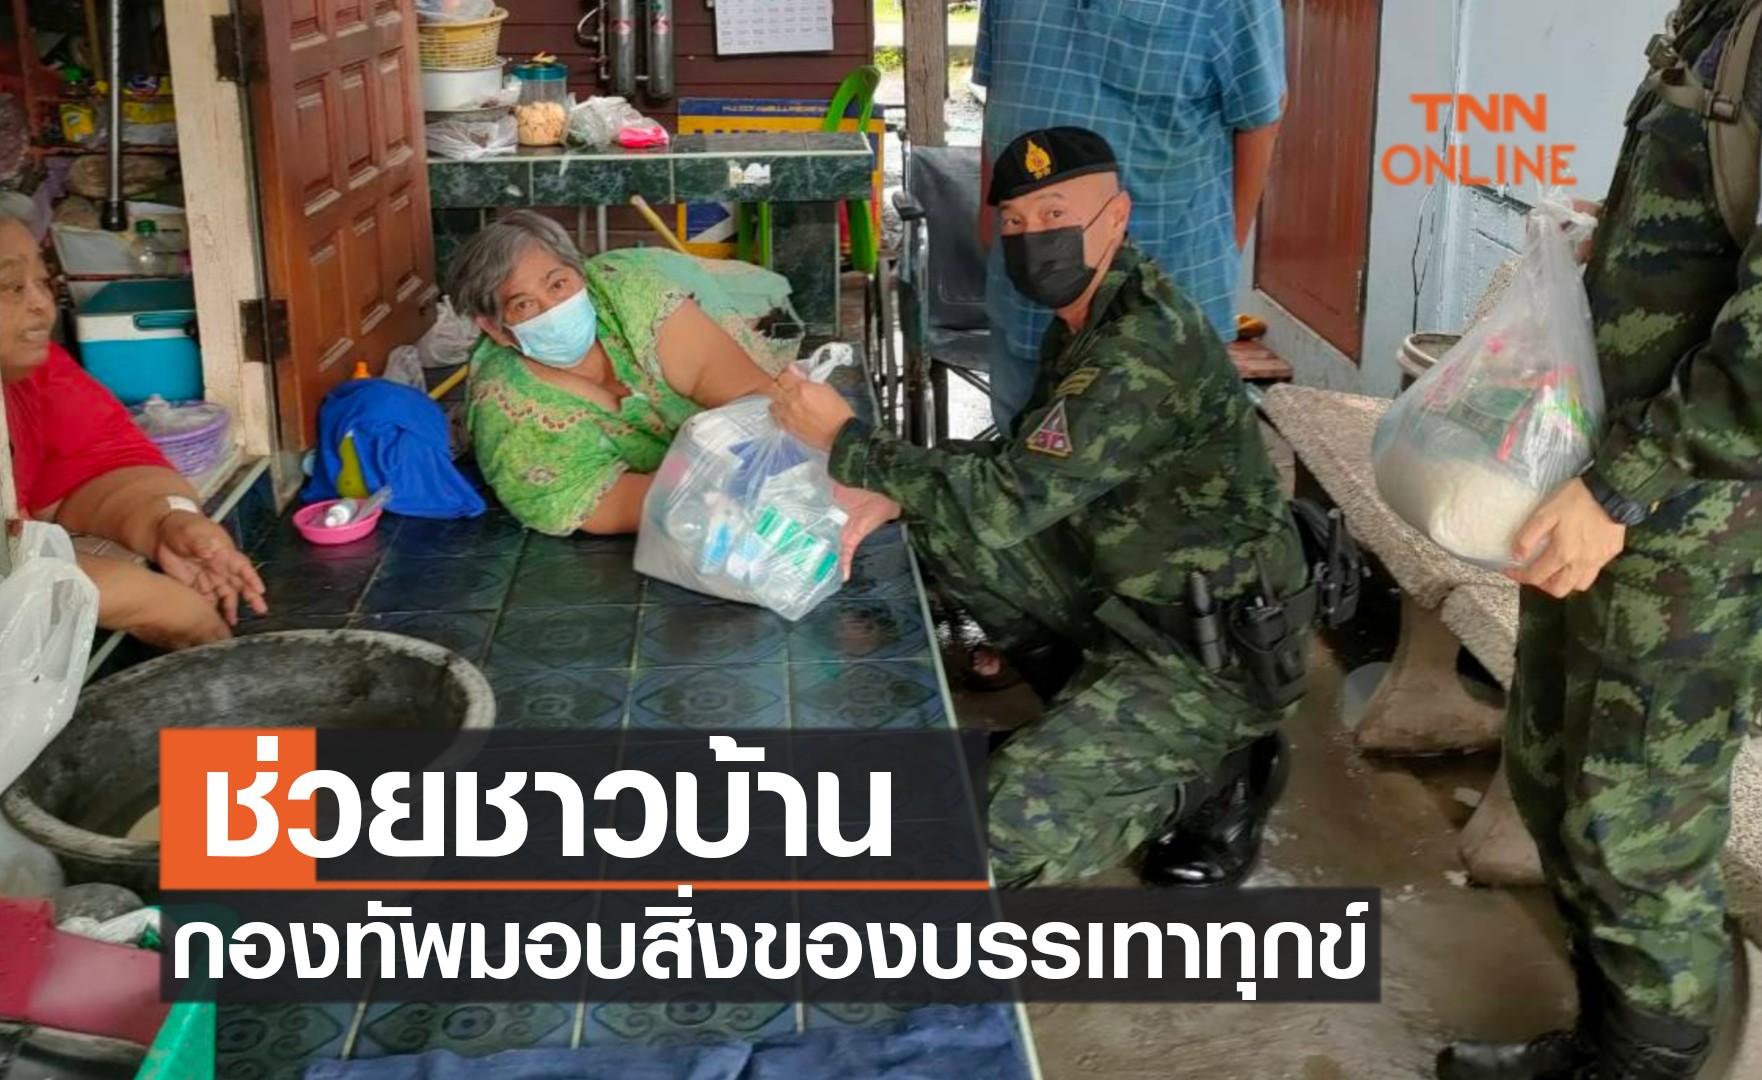 ช่วยต่อเนื่อง! กองทัพไทย ออกบรรเทาทุกข์ประชาชนที่เดือดร้อนจากโควิด-19